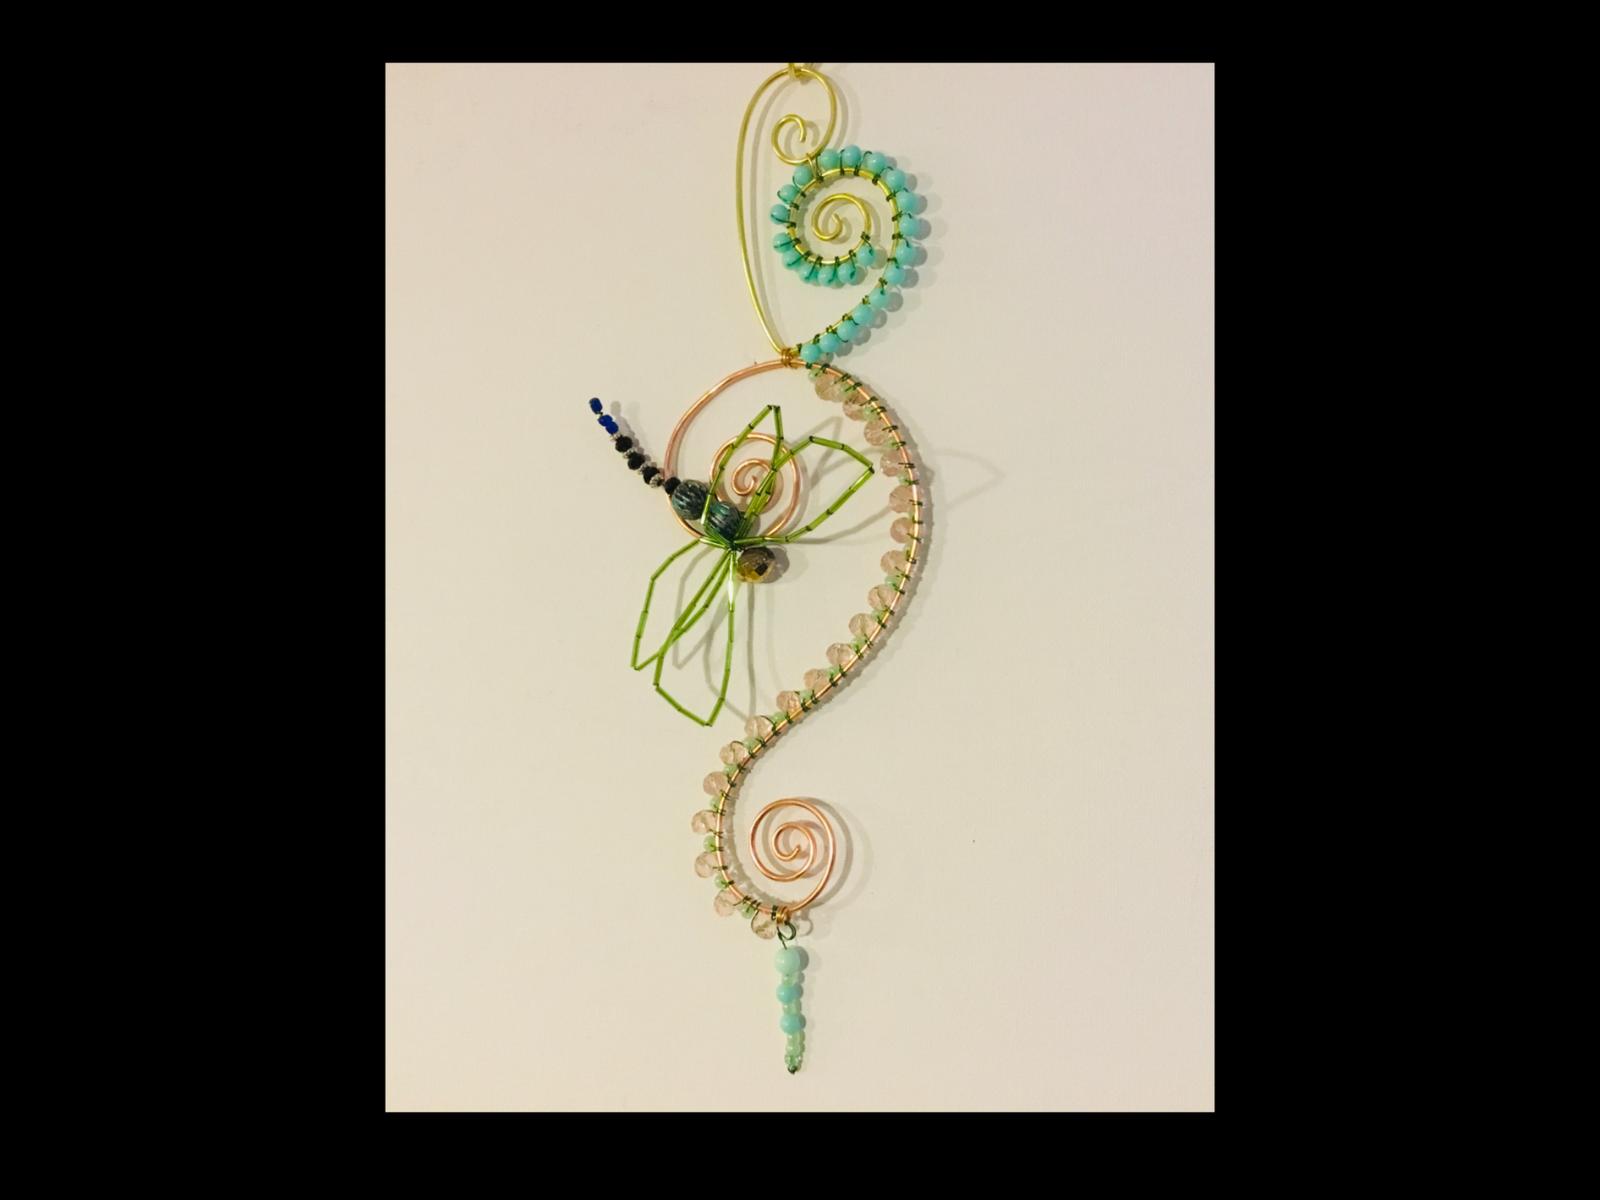 Attrape soleil vert d'eau et rose pâle. Libellule en perles. Cuivre et aluminium. 30 cm.